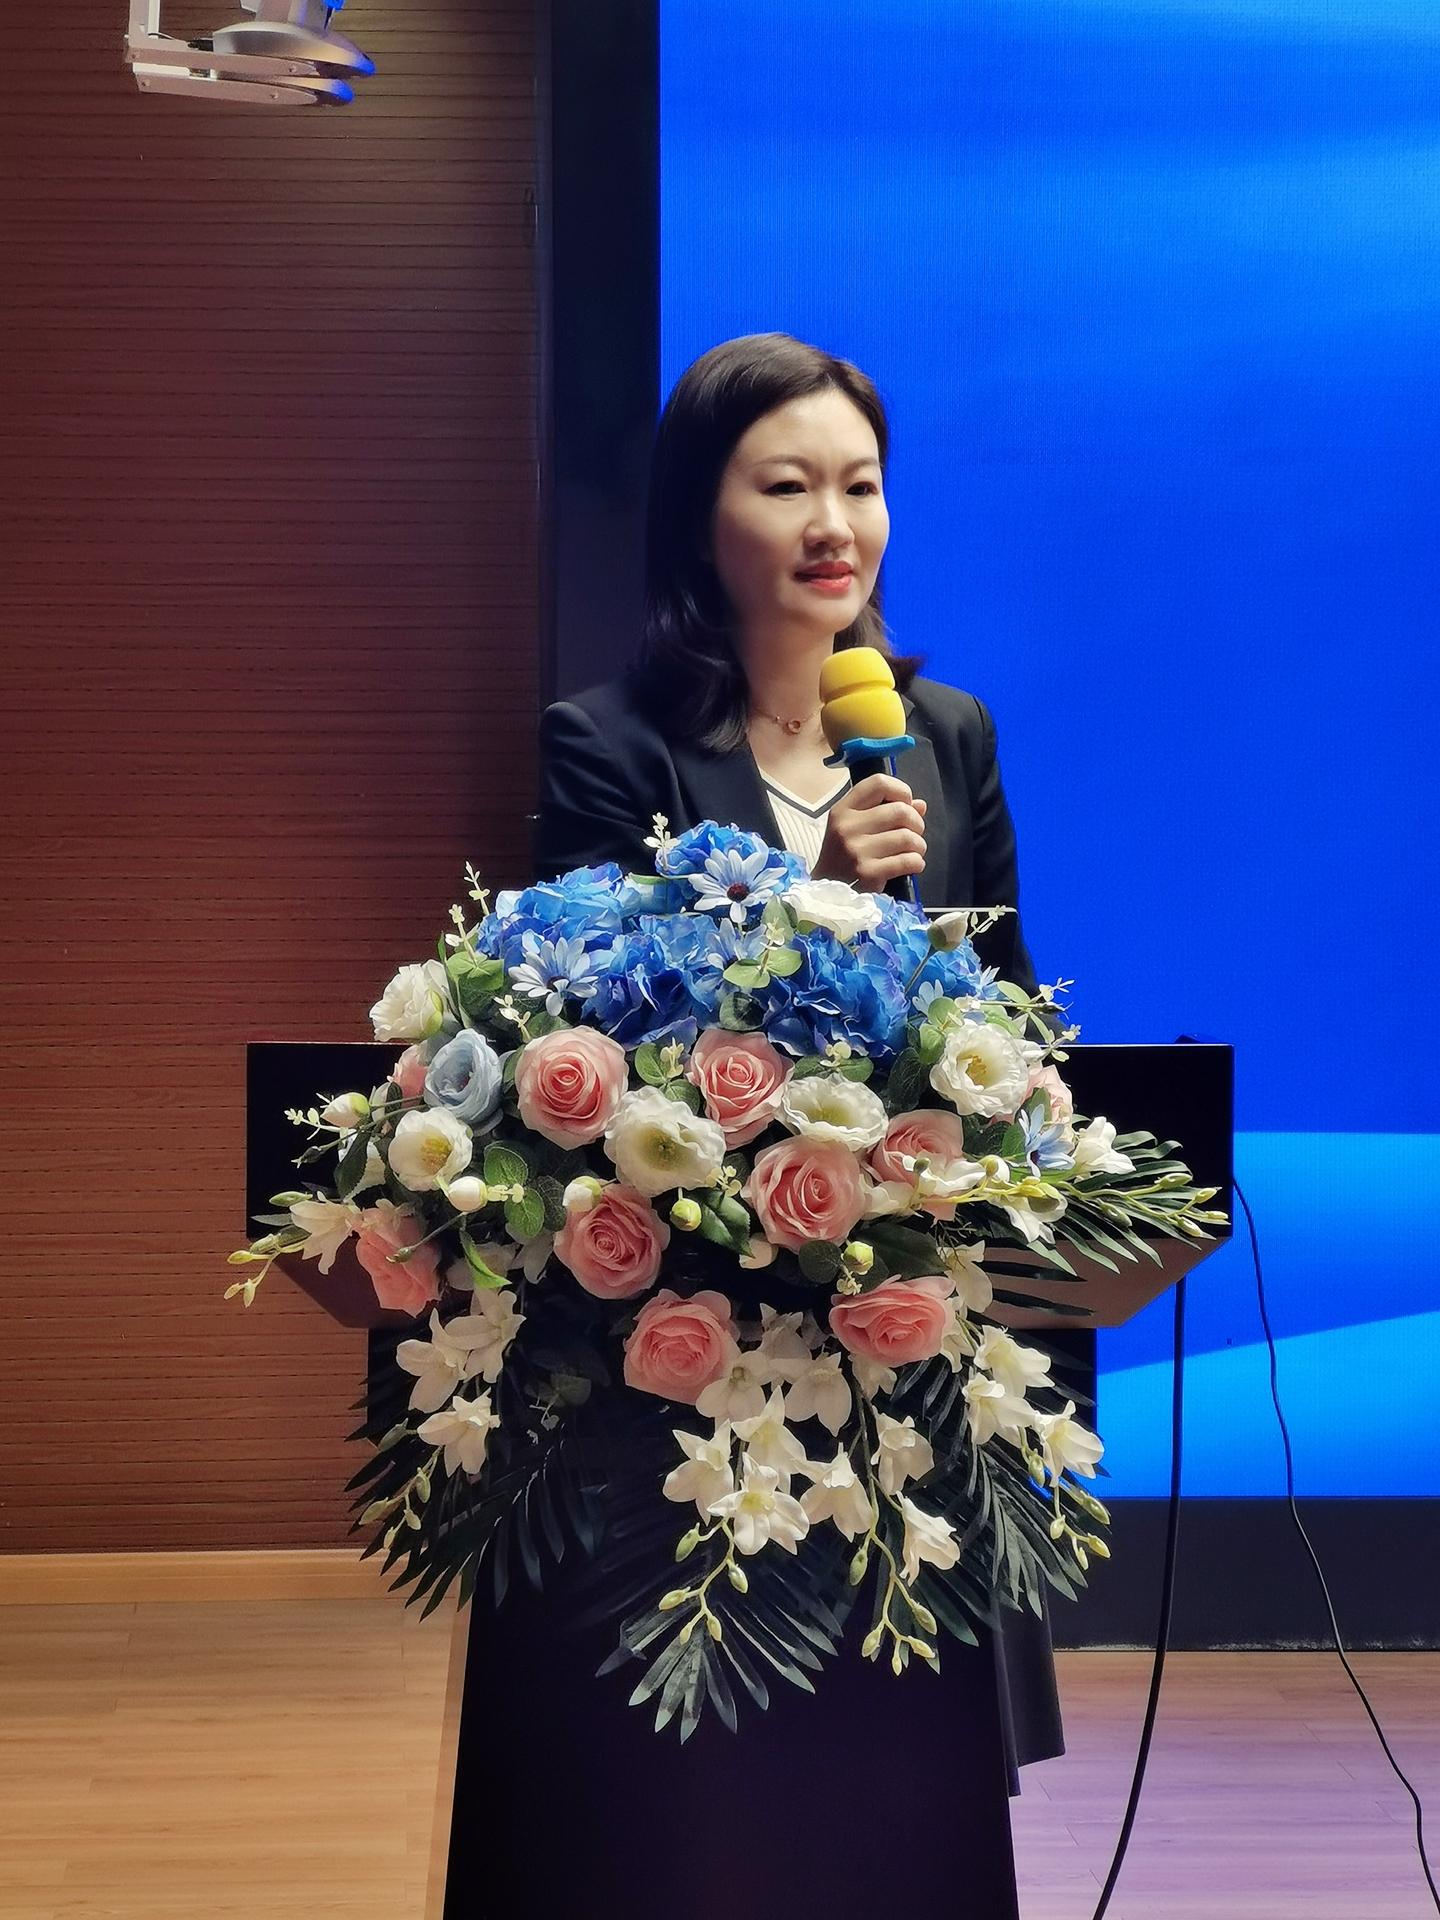 3月25日上午,成果推广培训会开幕式由教育部基础教育司教学与装备信息化处副处长赵宇主持。